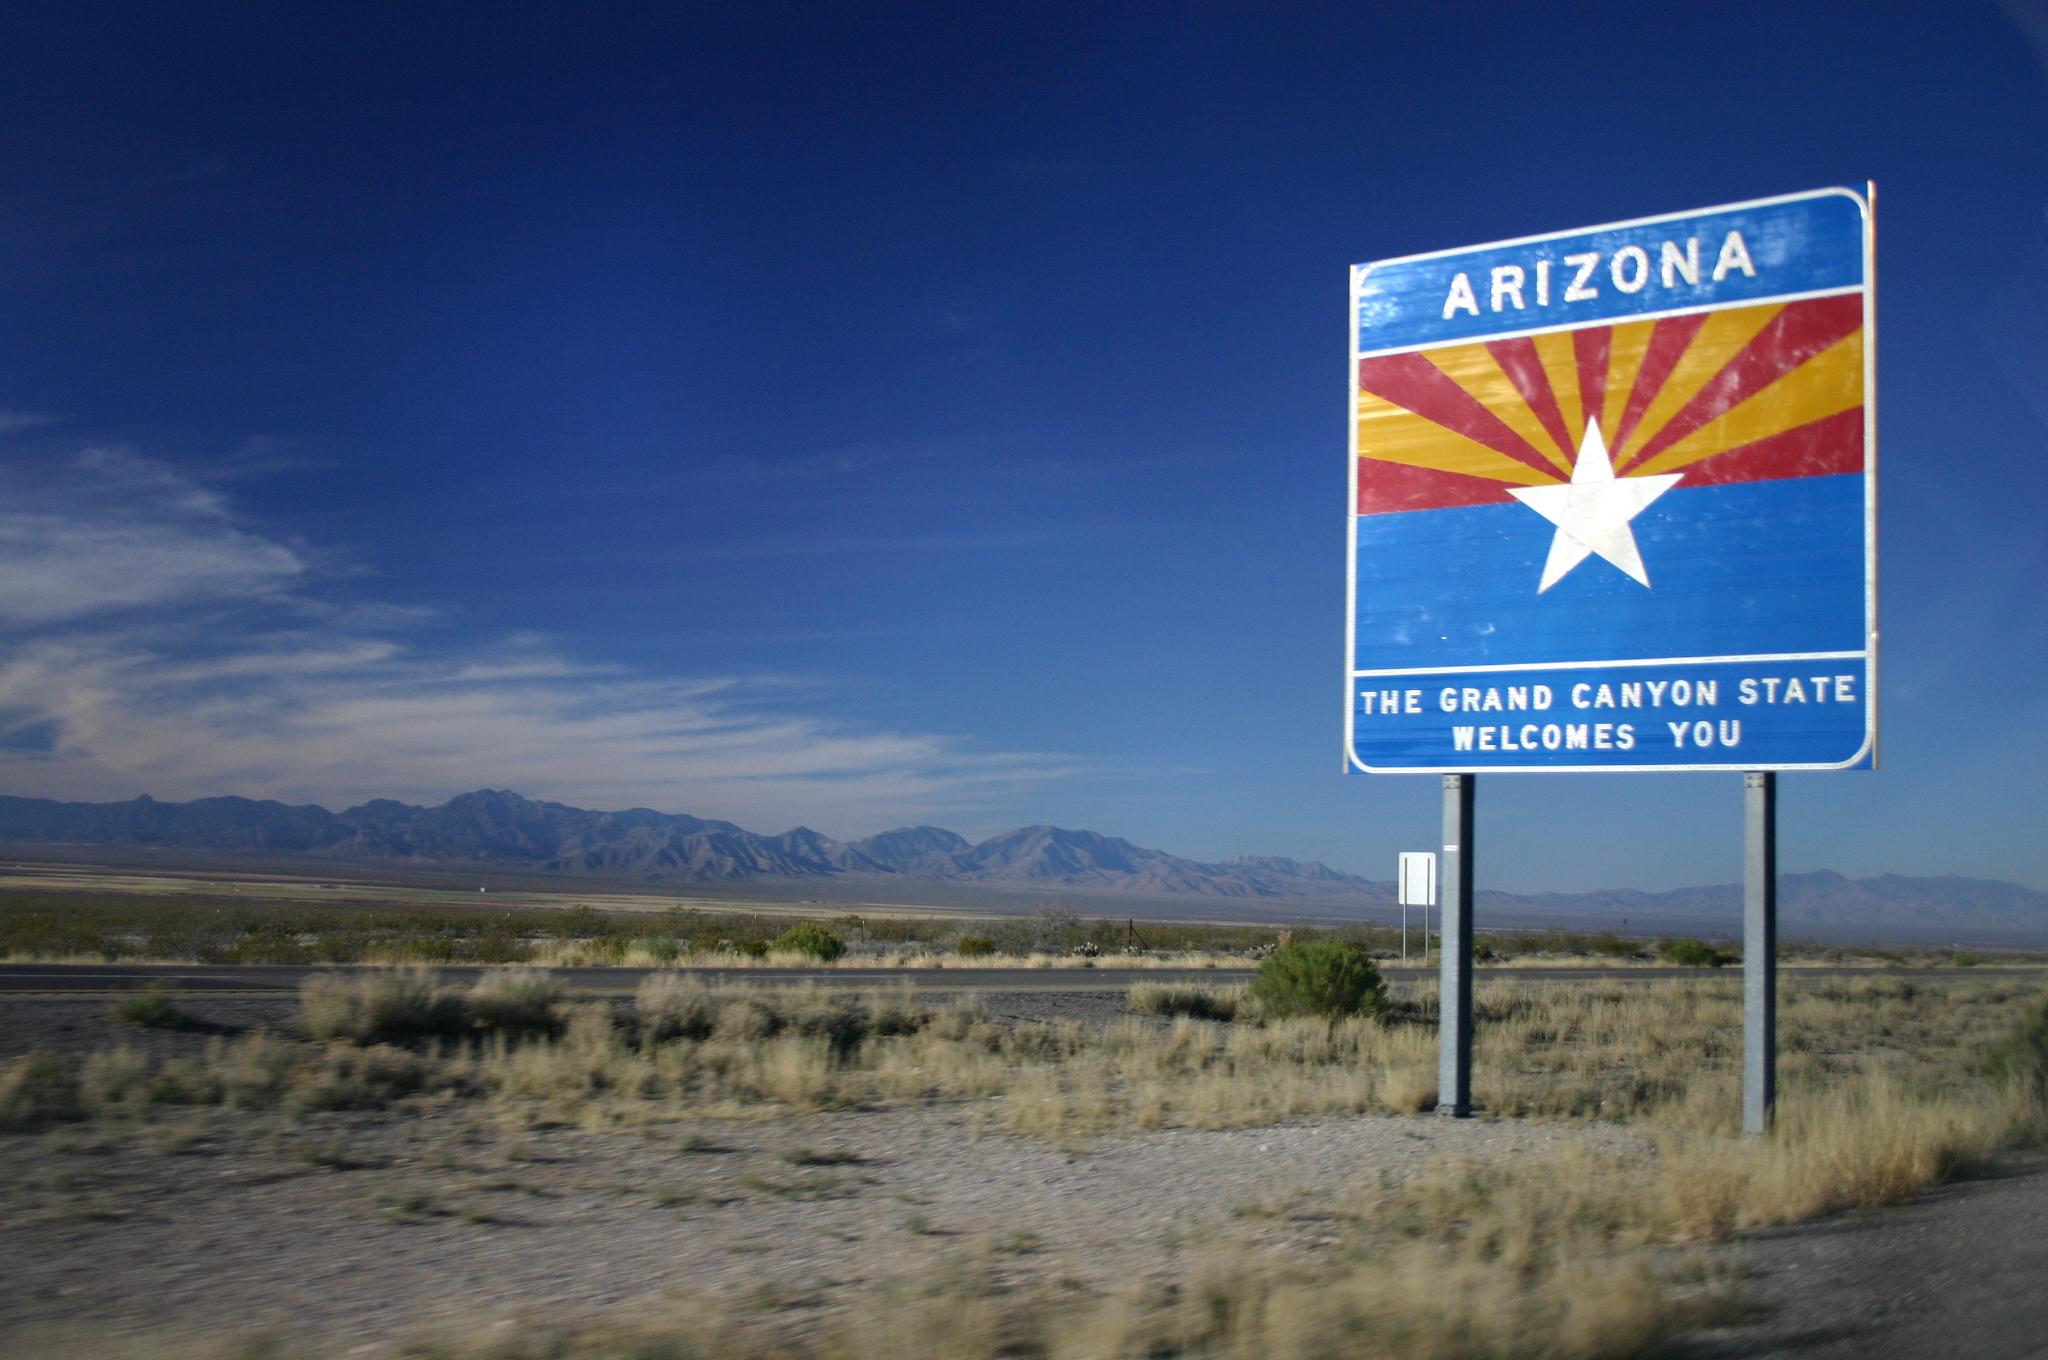 Entering_Arizona_on_I-10_Westbound